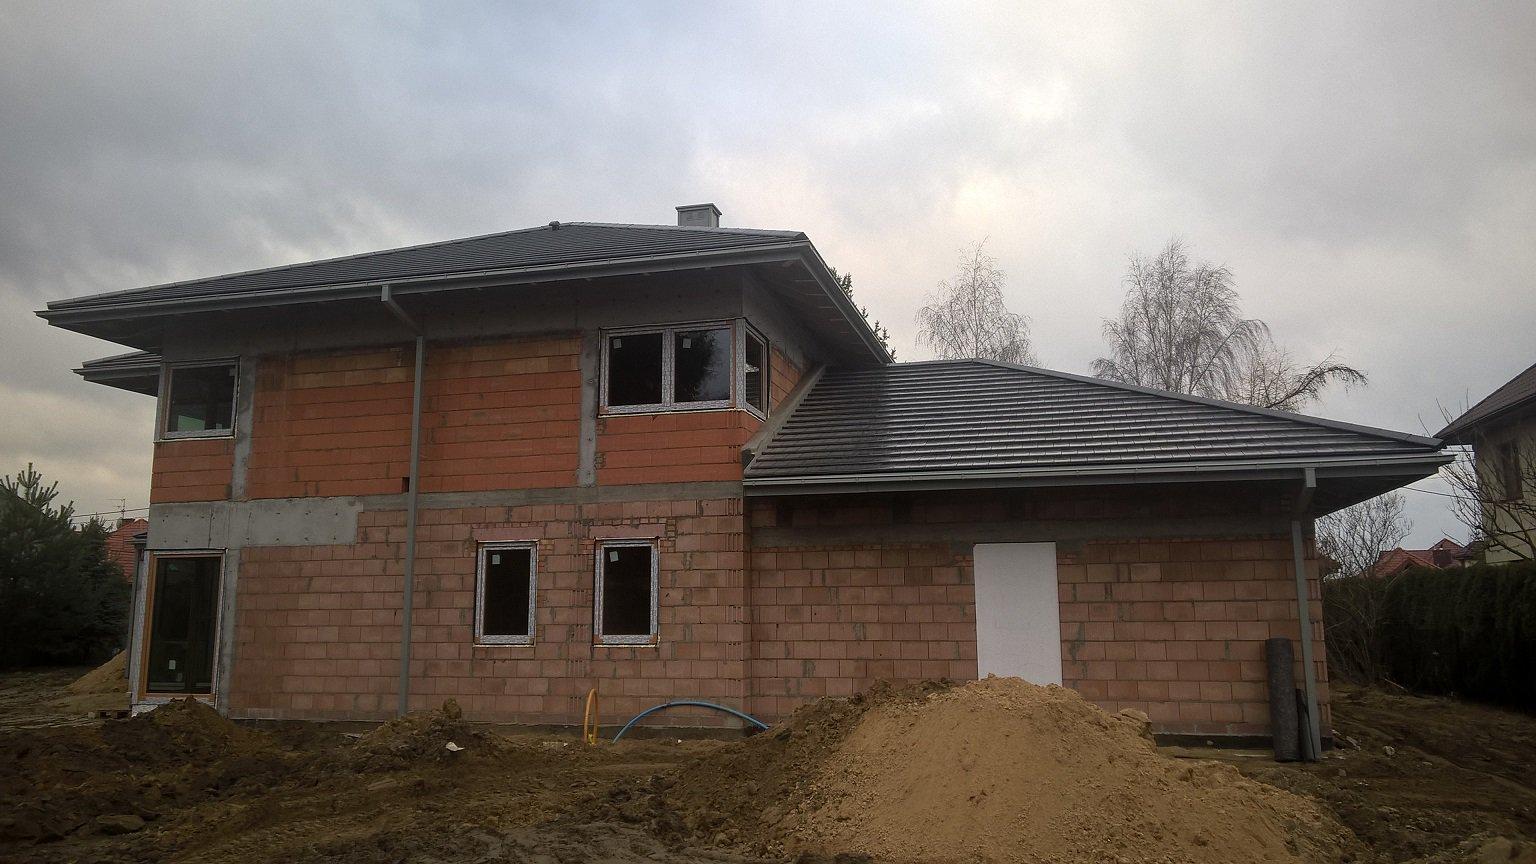 projekt-domu-dom-z-widokiem-4-fot-4-1460720311-bh4oikkk.jpg